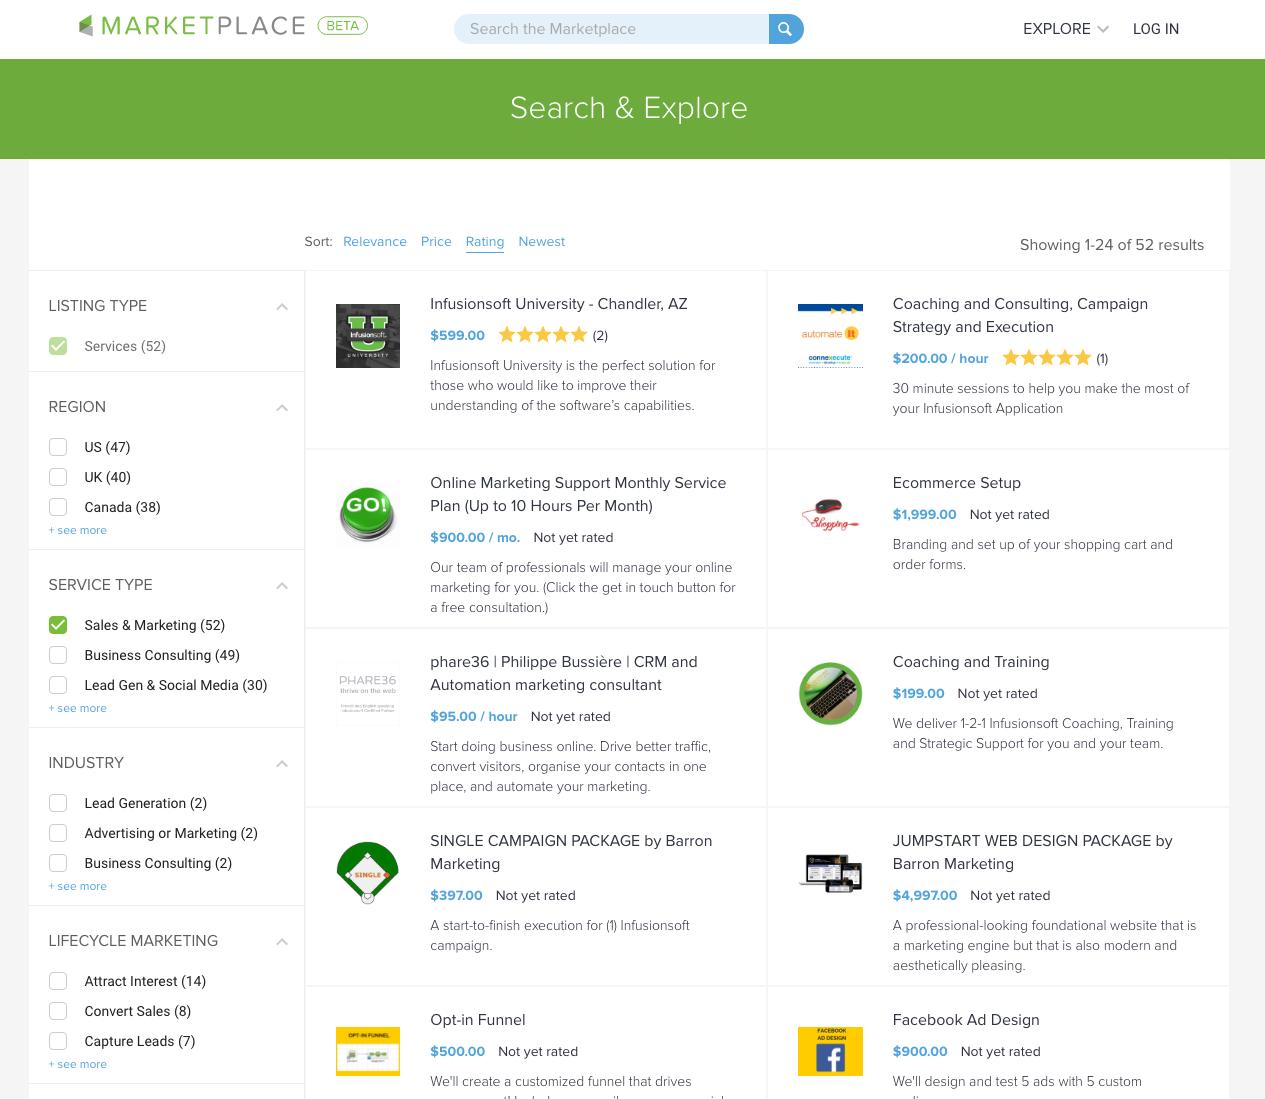 infusionsoft marketplace